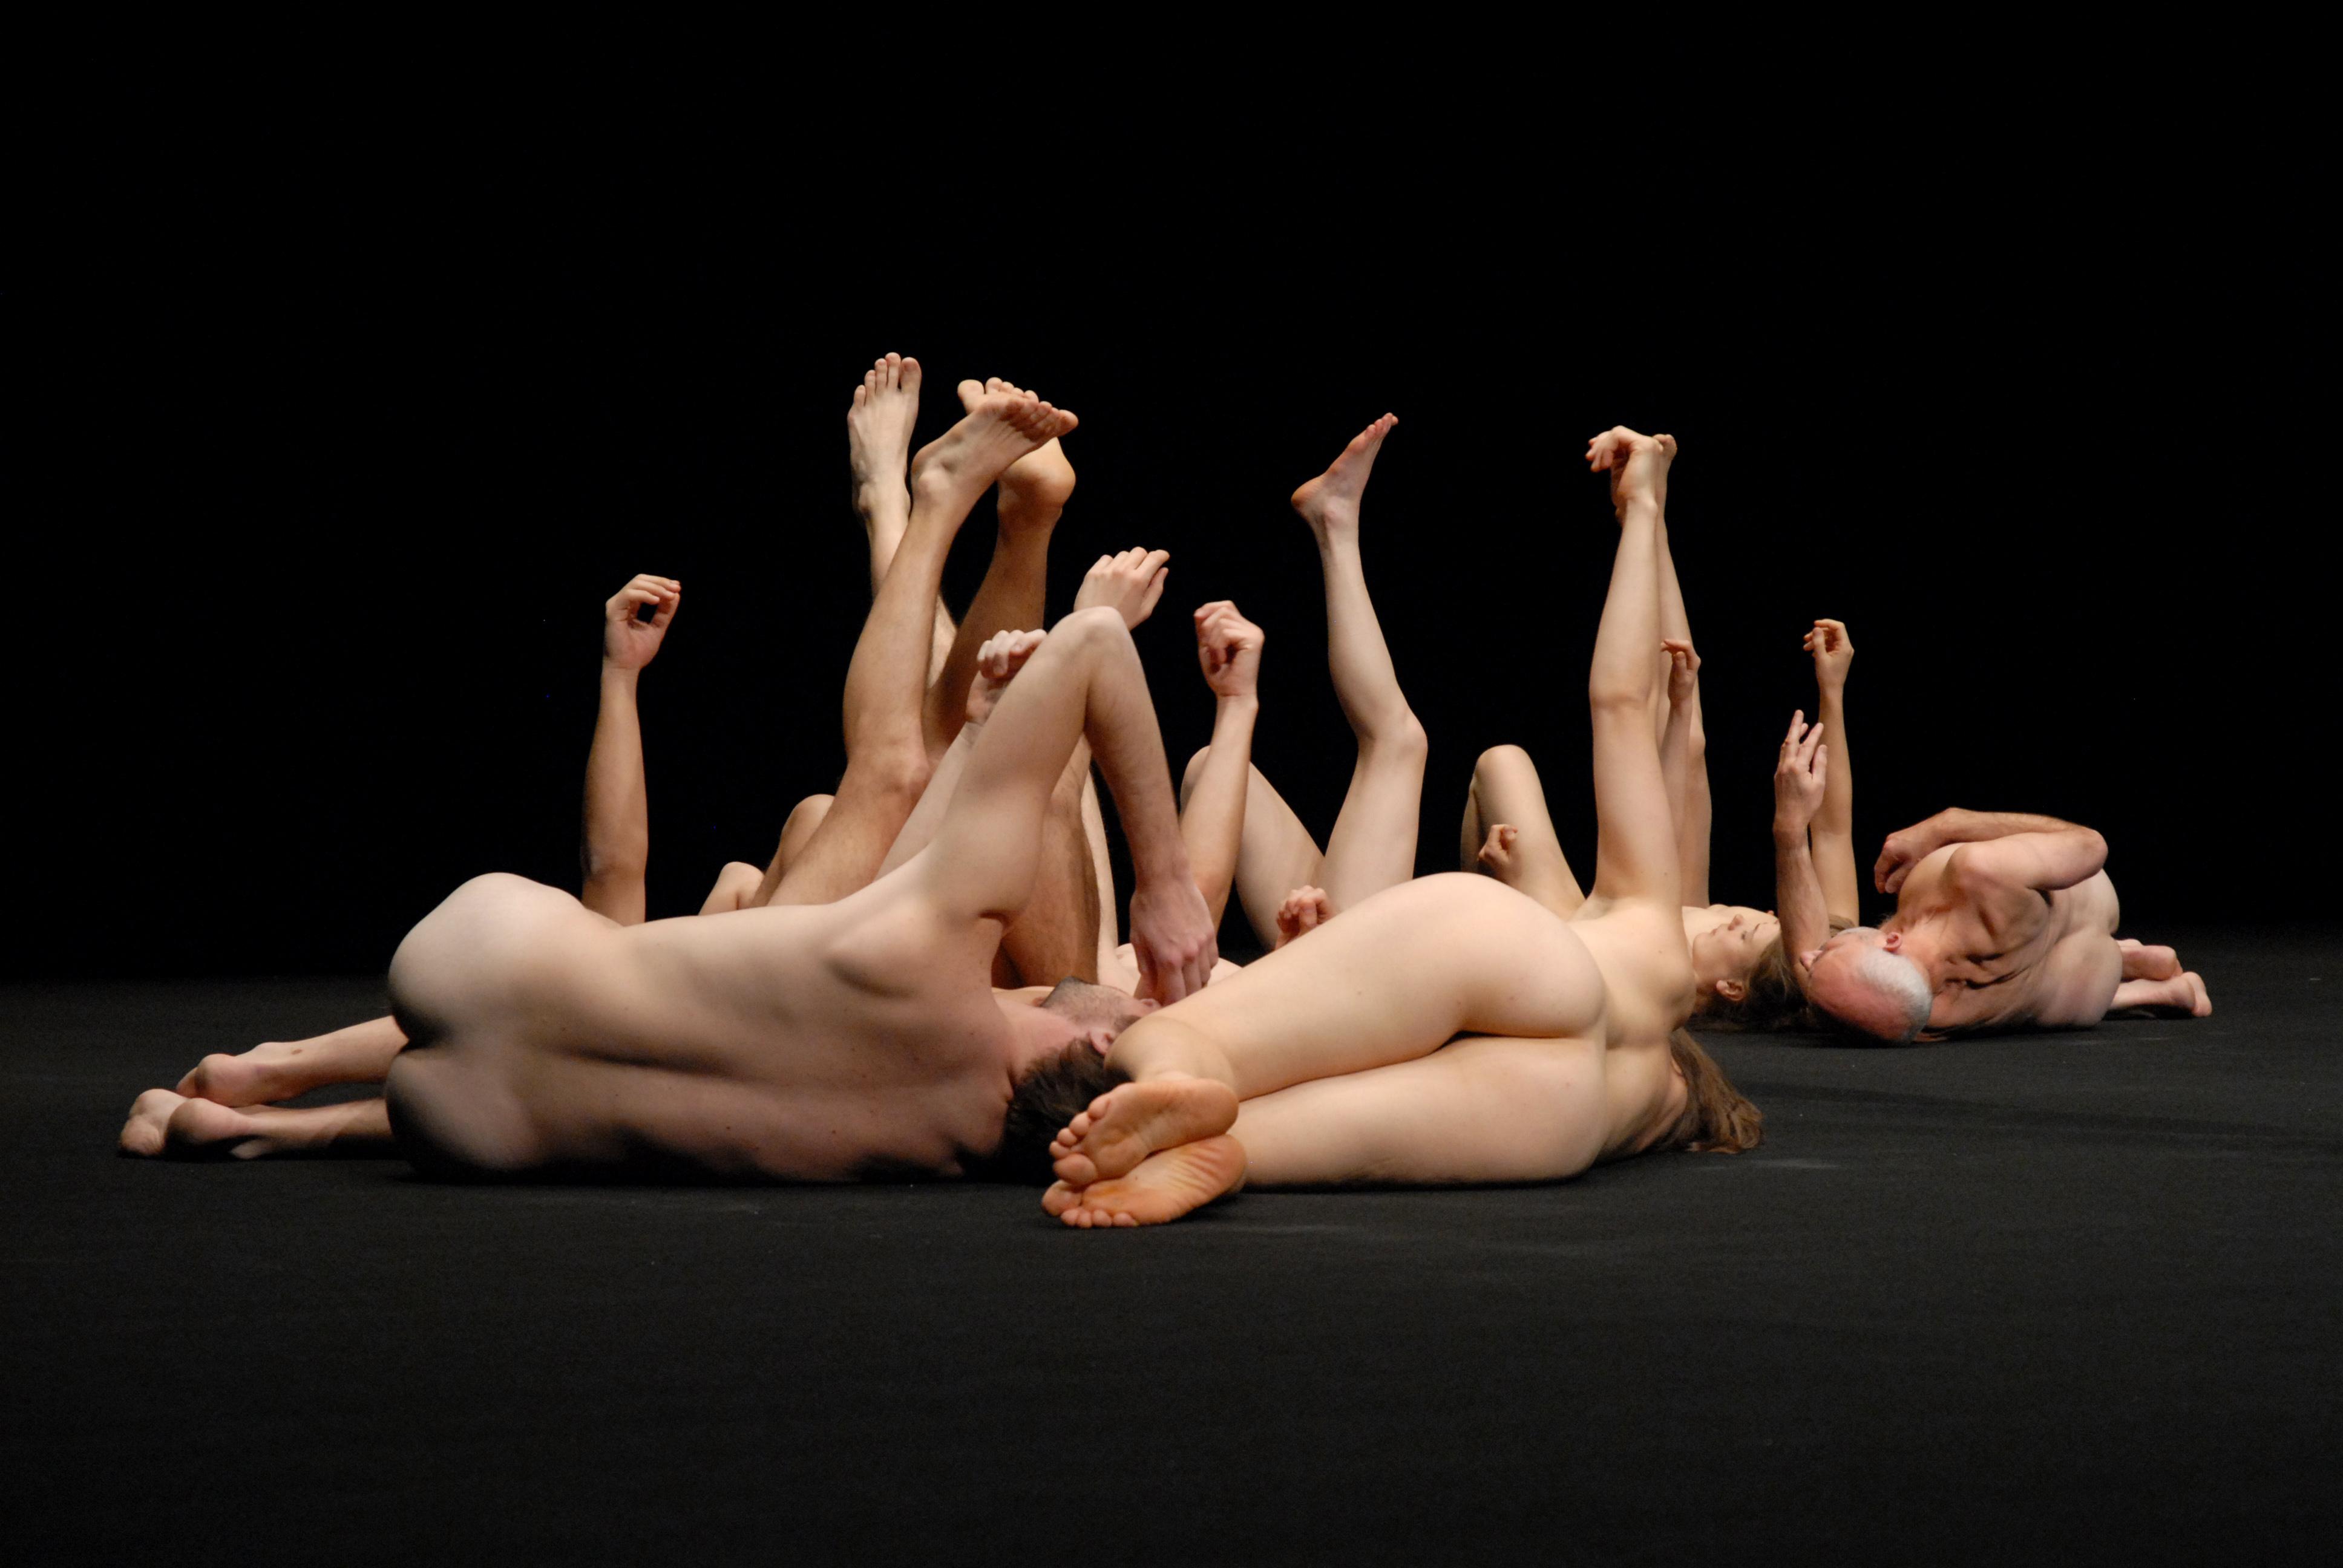 Артхаус эротика театр, порно алкашек пья